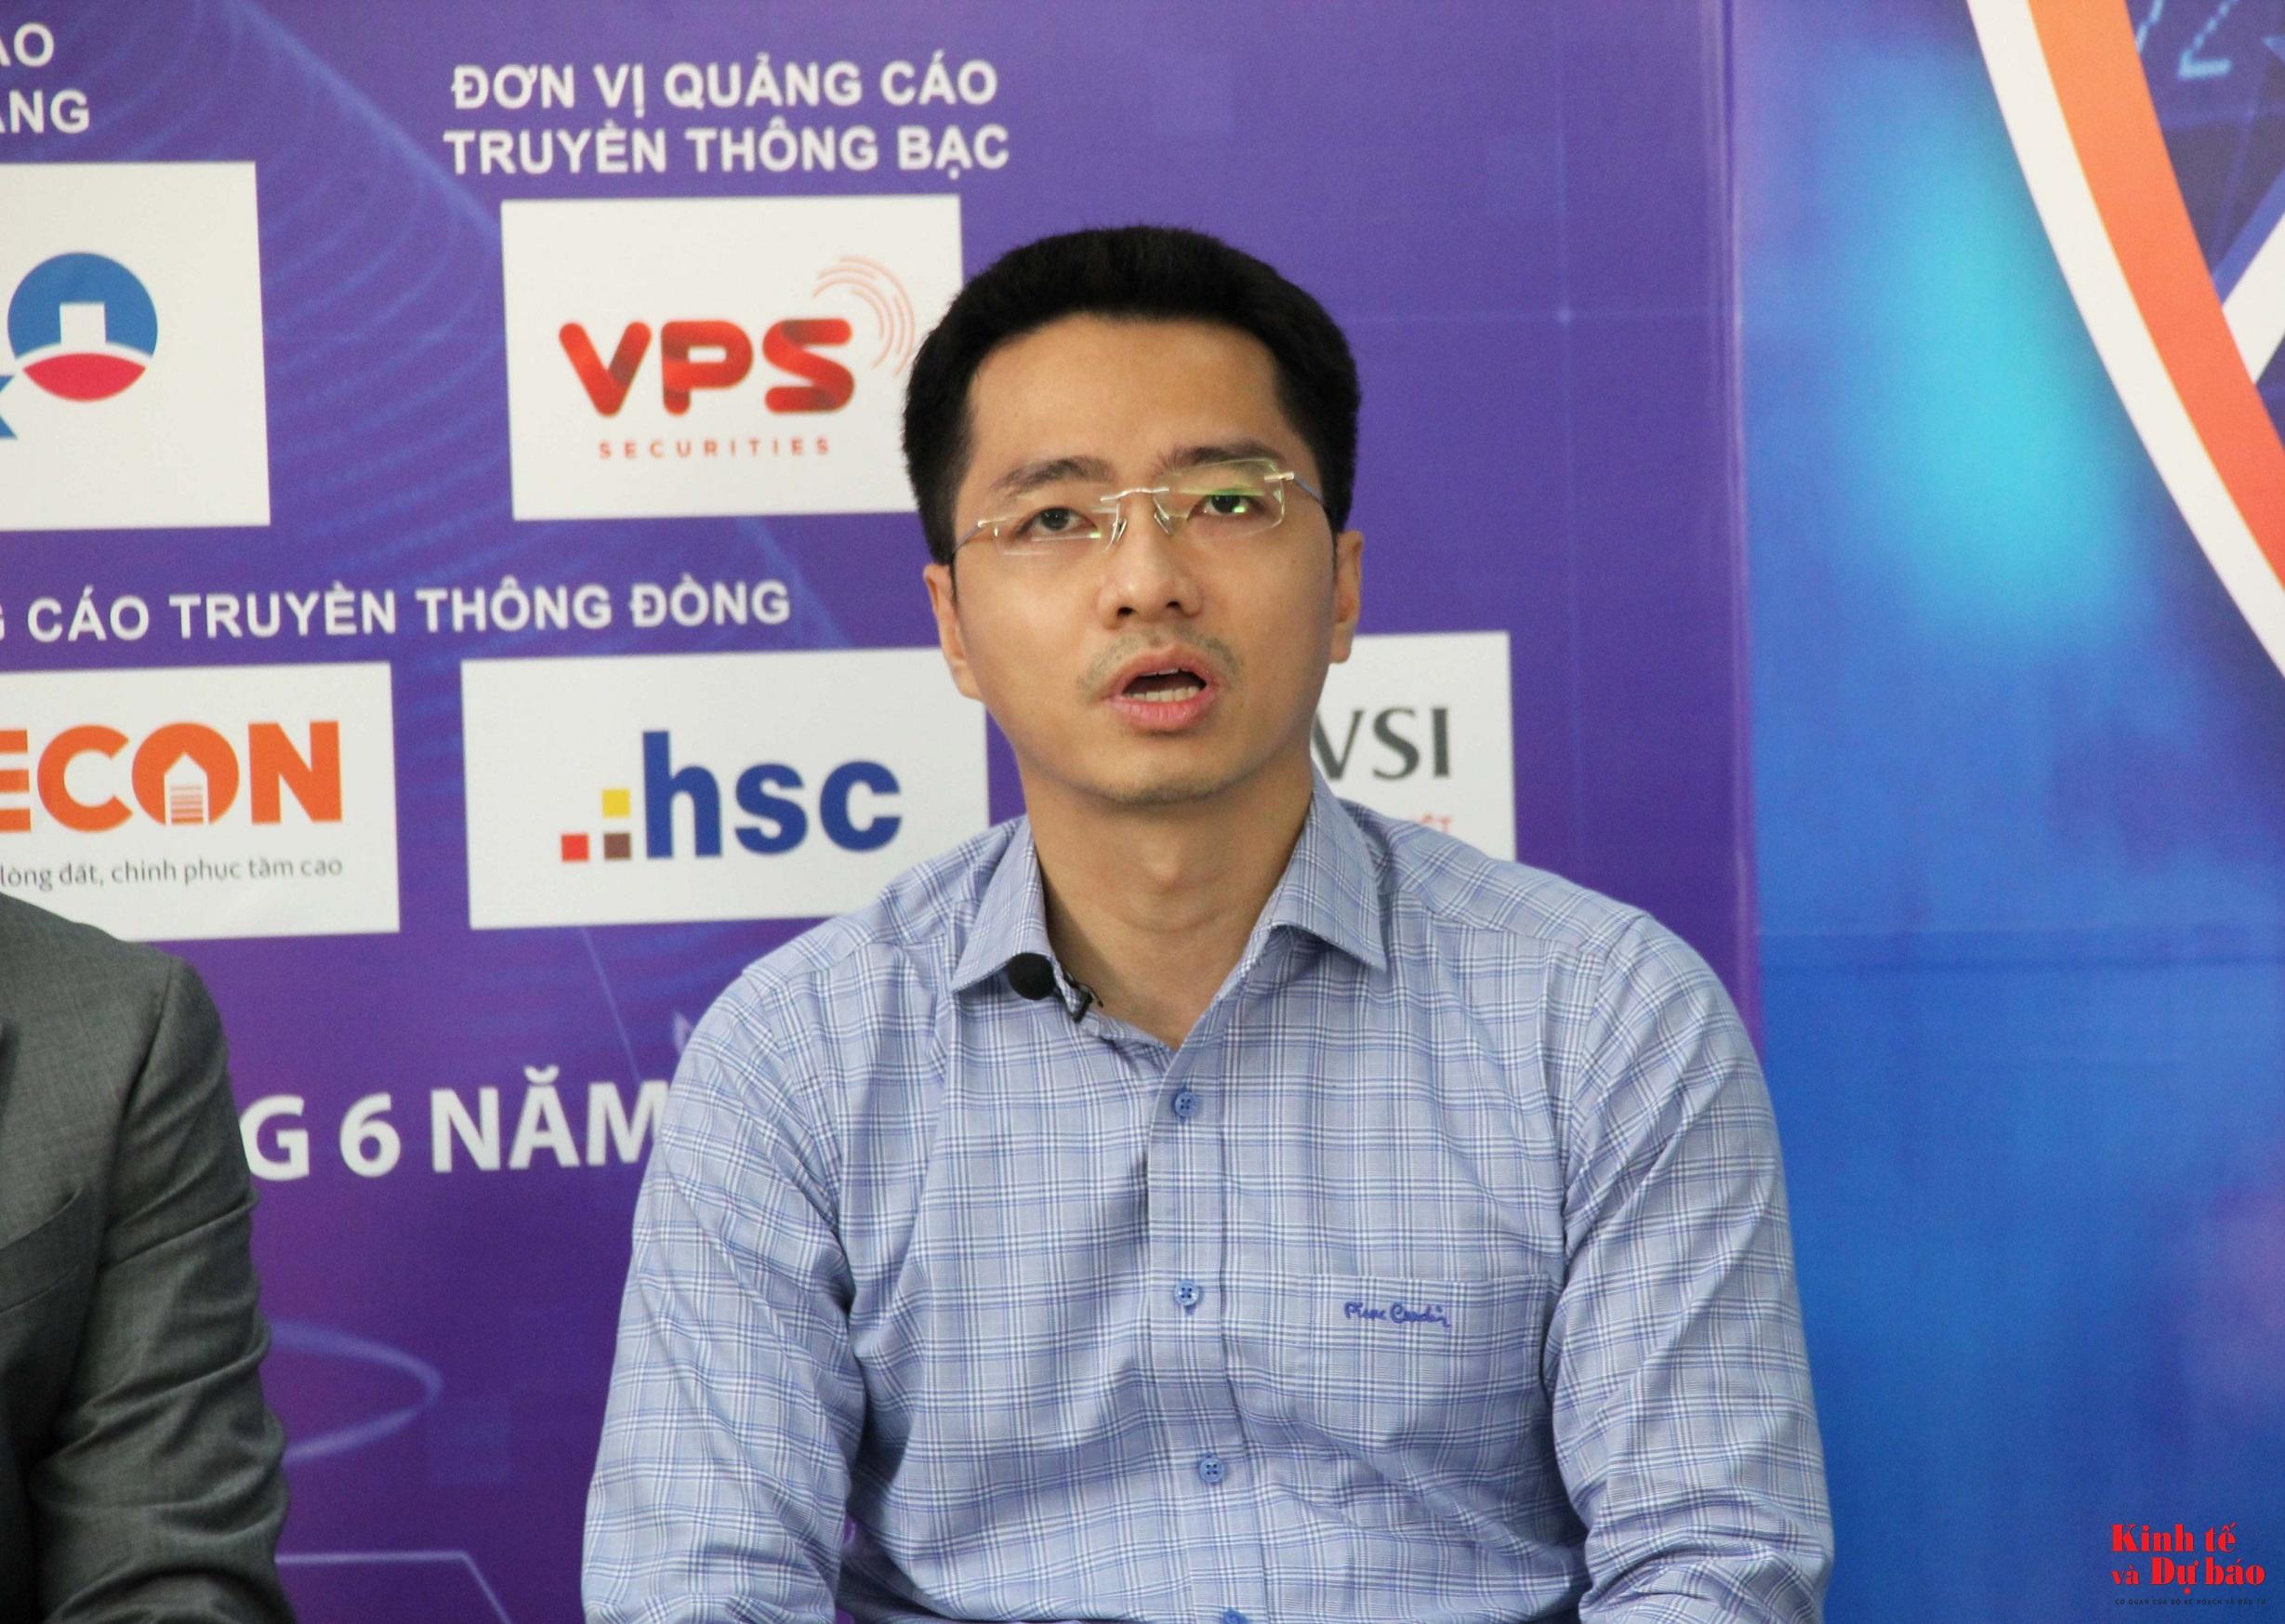 Phó Chủ tịch UBCKNN Phạm Hồng Sơn: